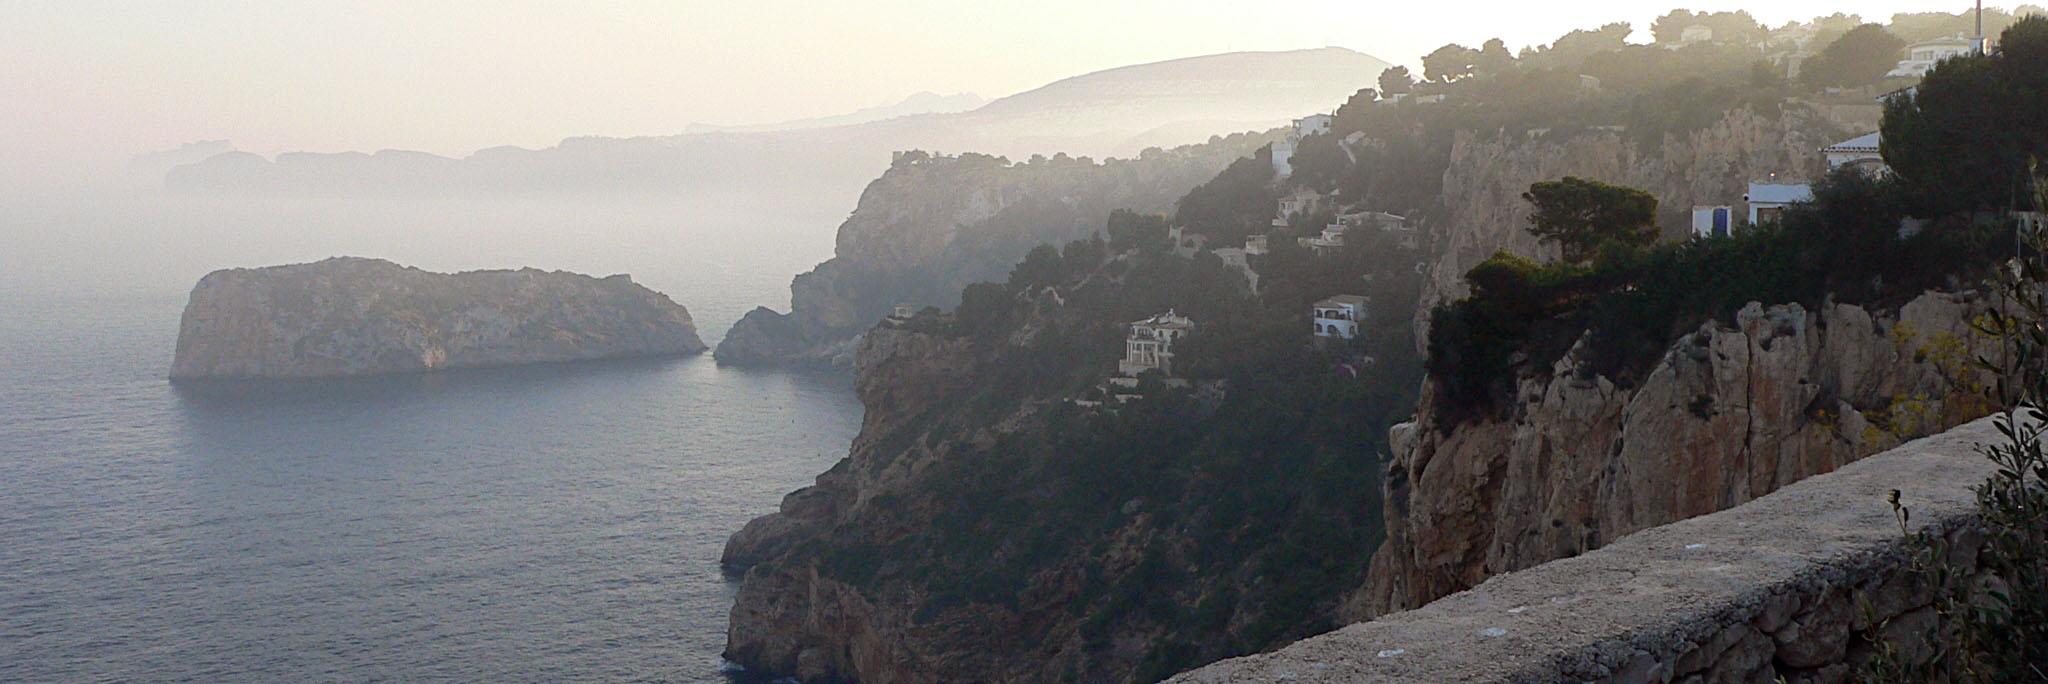 Kap Delanao